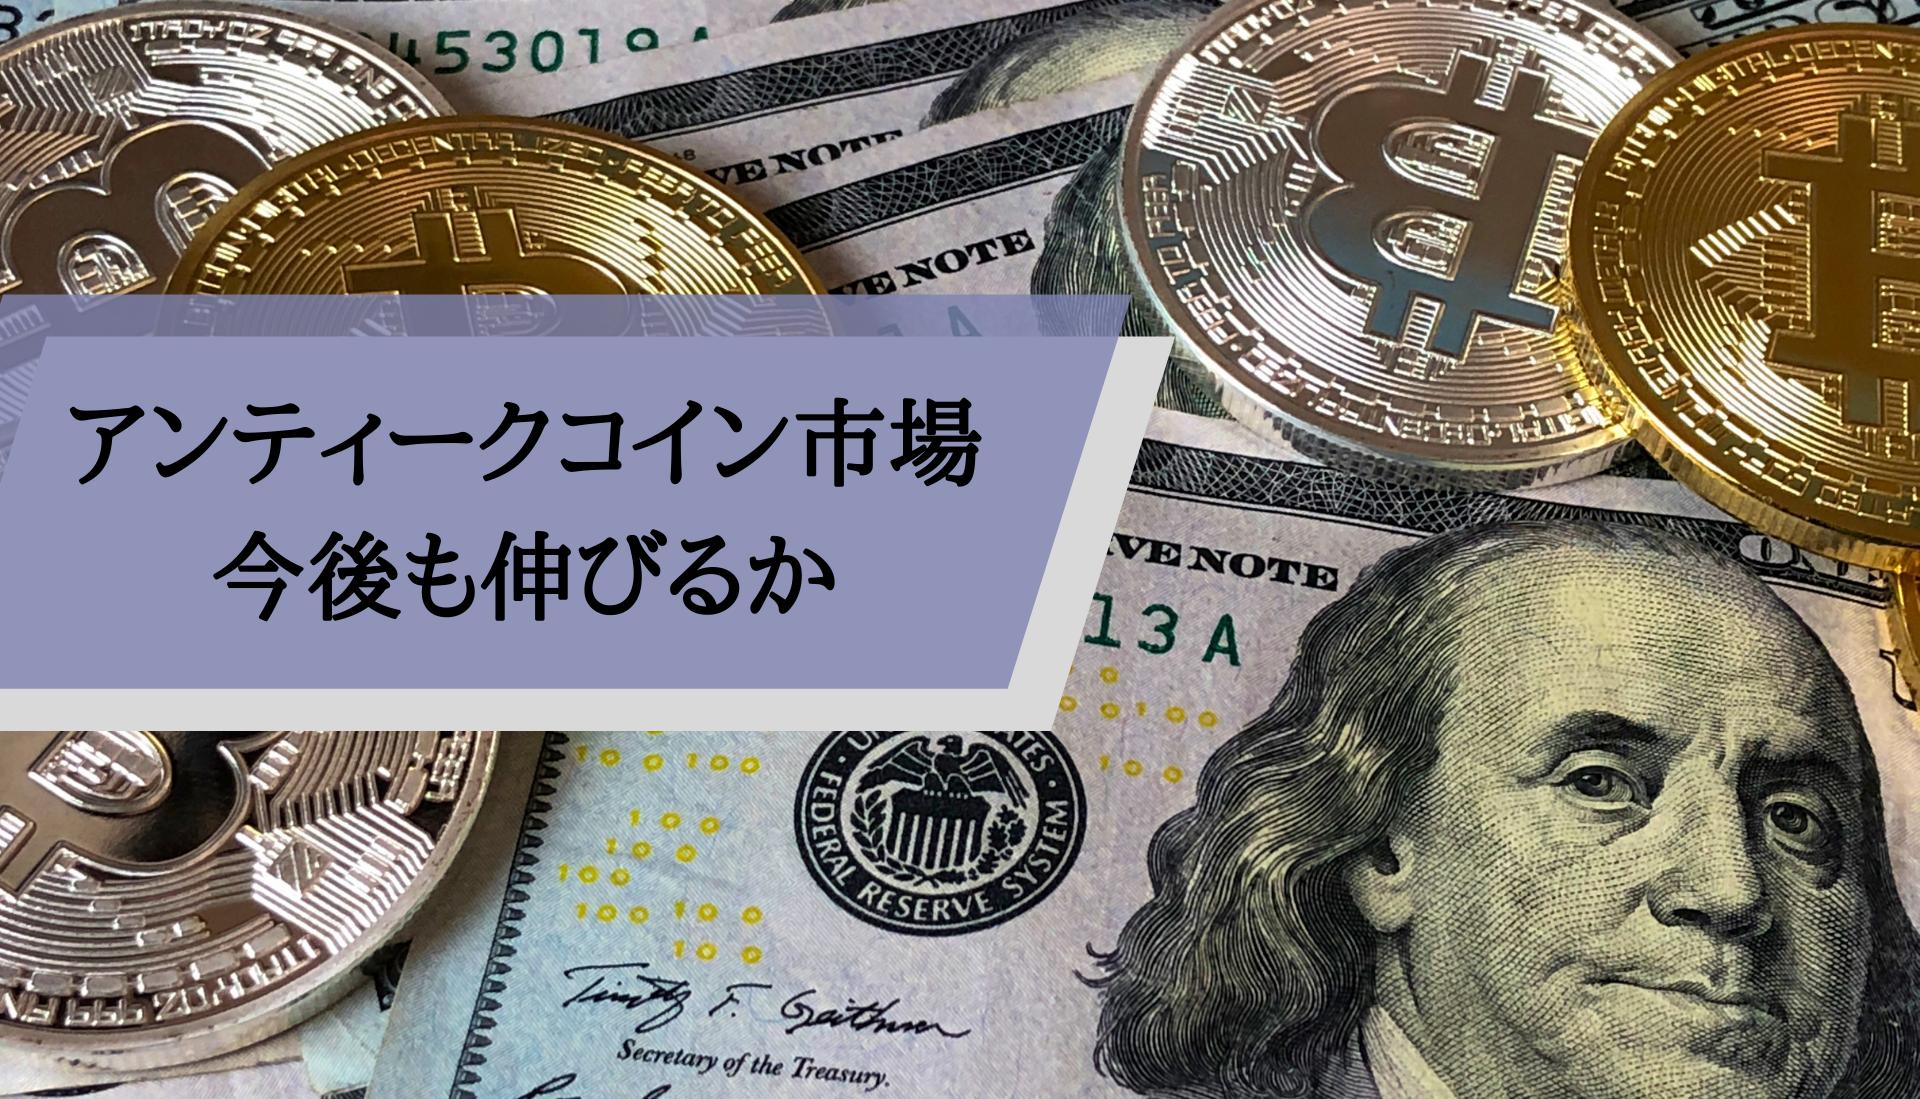 アンティークコイン市場_伸びるか